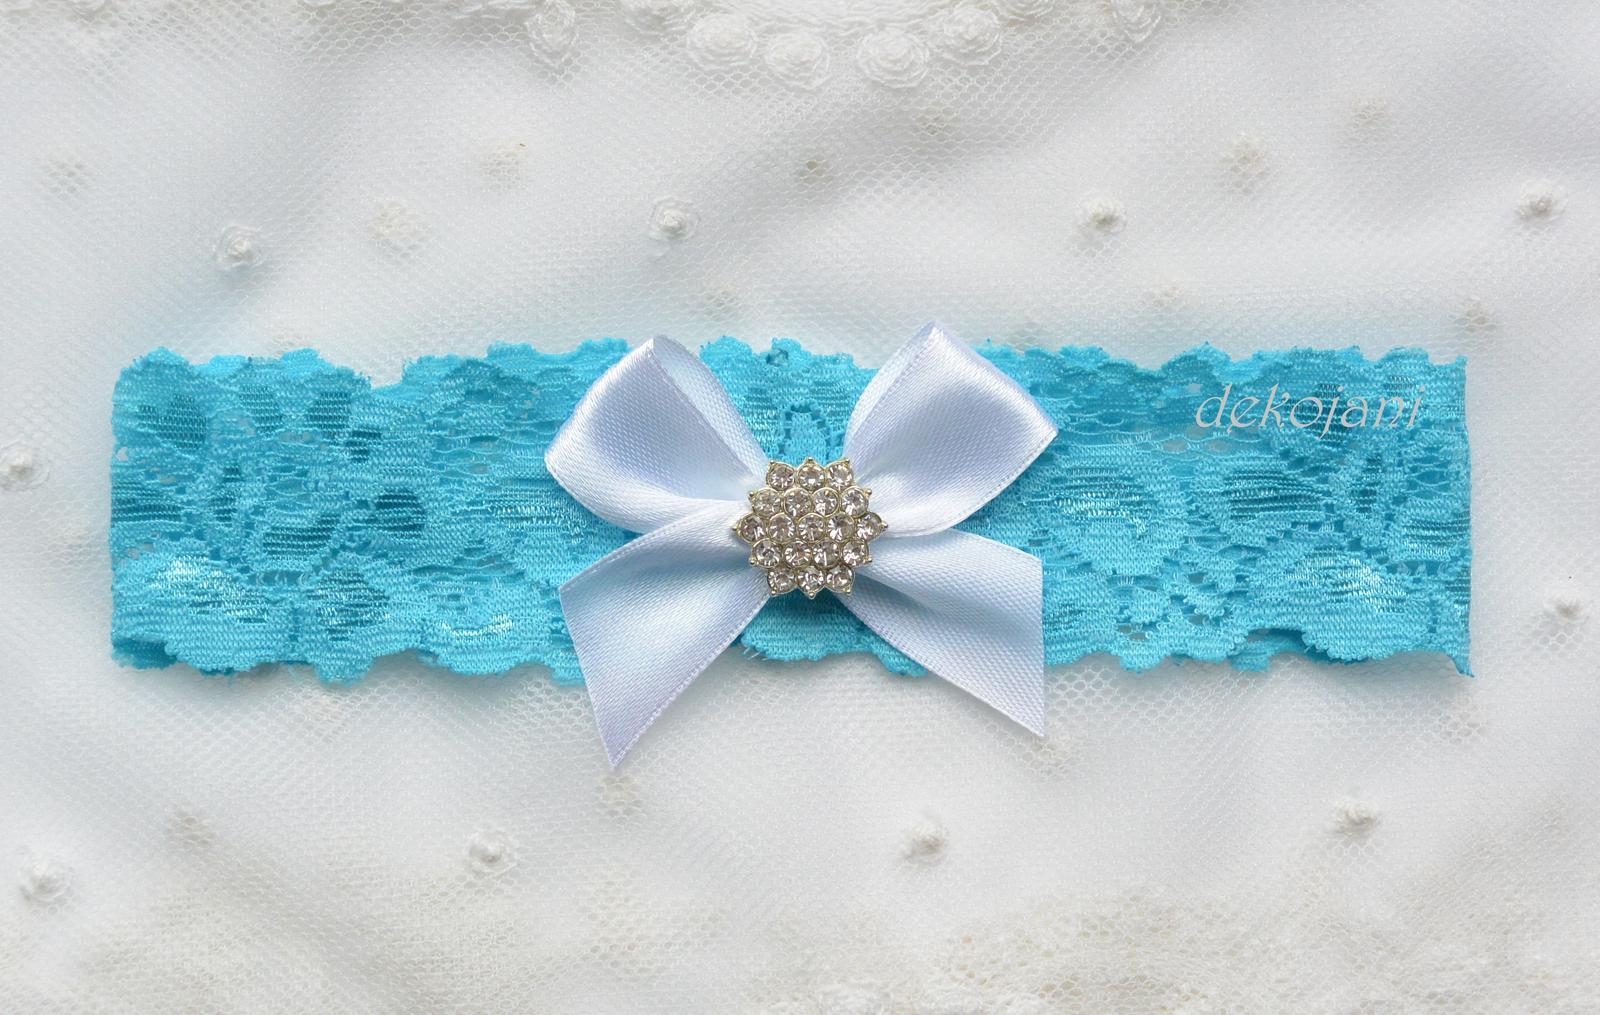 Luxusní svatební doplňky a dekorace. - Obrázek č. 14